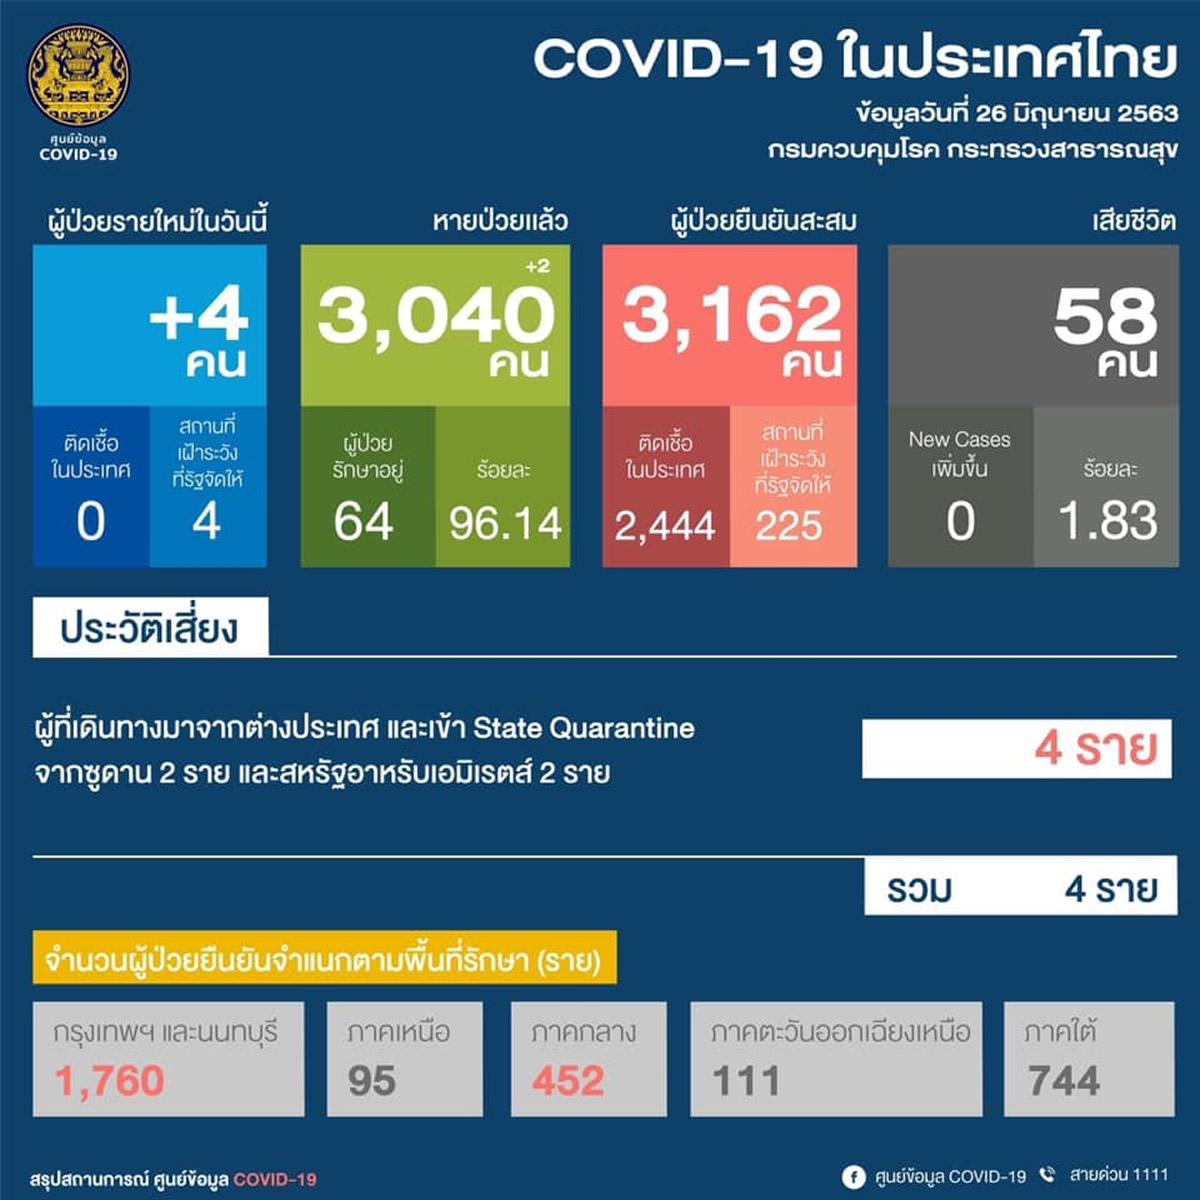 【タイの新型コロナ感染者】新規はスーダンとUAEから帰国の4人、32日連続で国内感染確認なし(2020年6月26日)